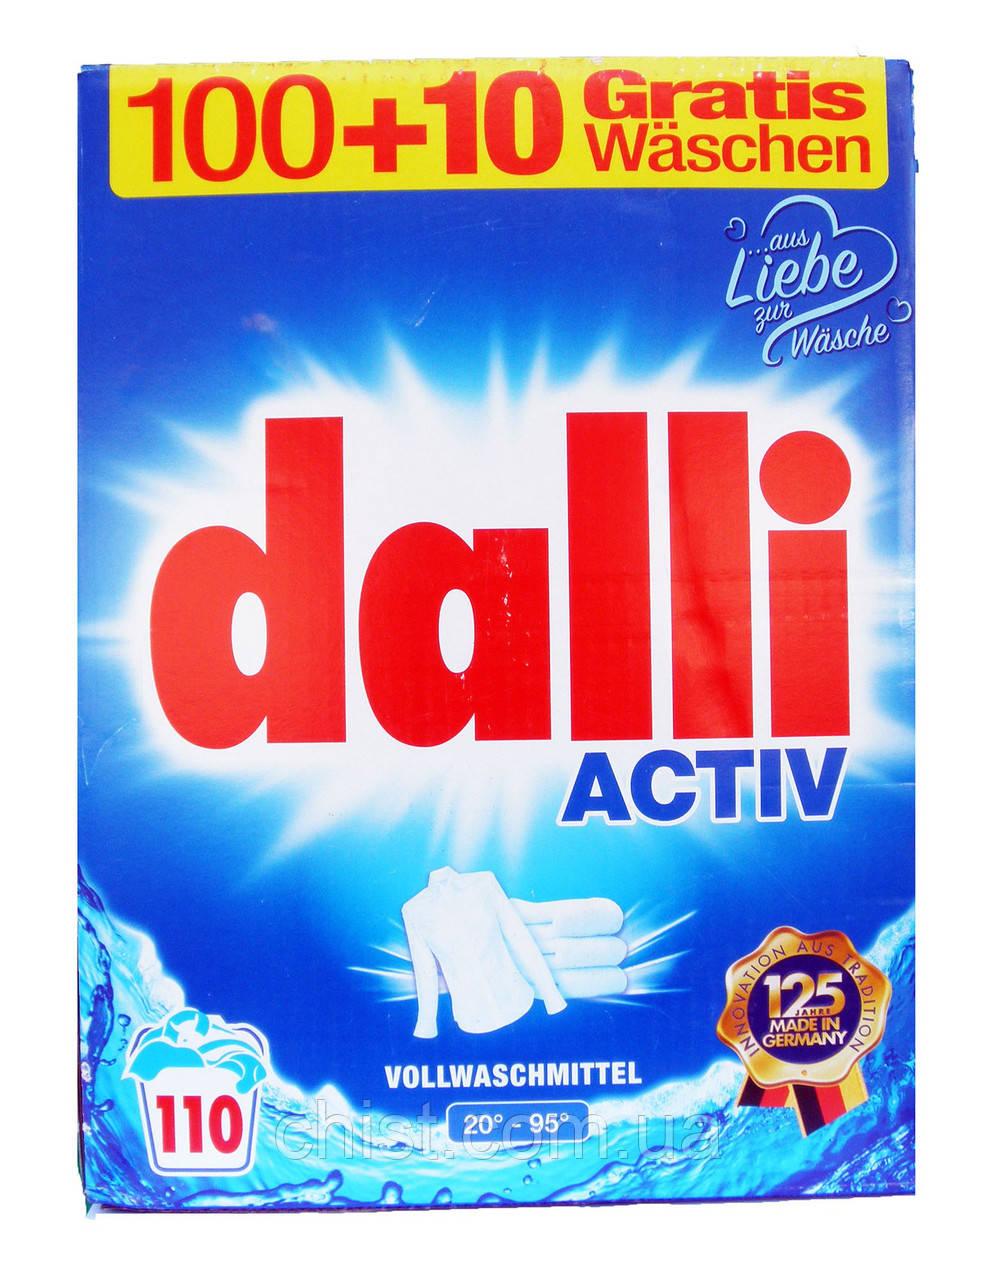 Dalli activ универсальный стиральный порошок (7.15 кг-110 стирок) Германия